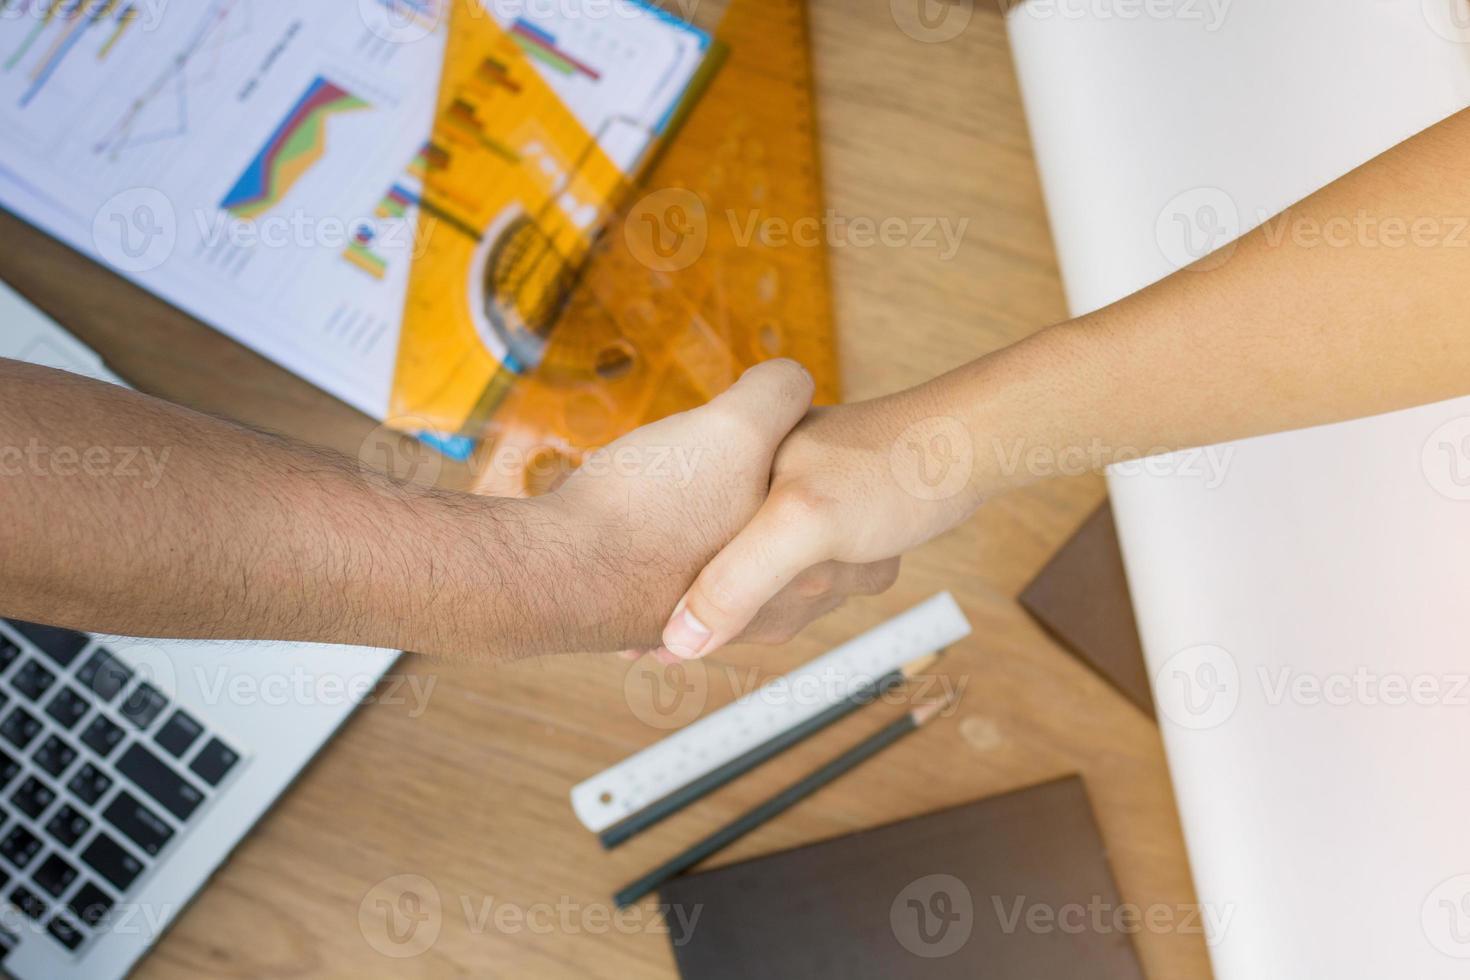 vue de dessus de deux personnes se serrant la main photo